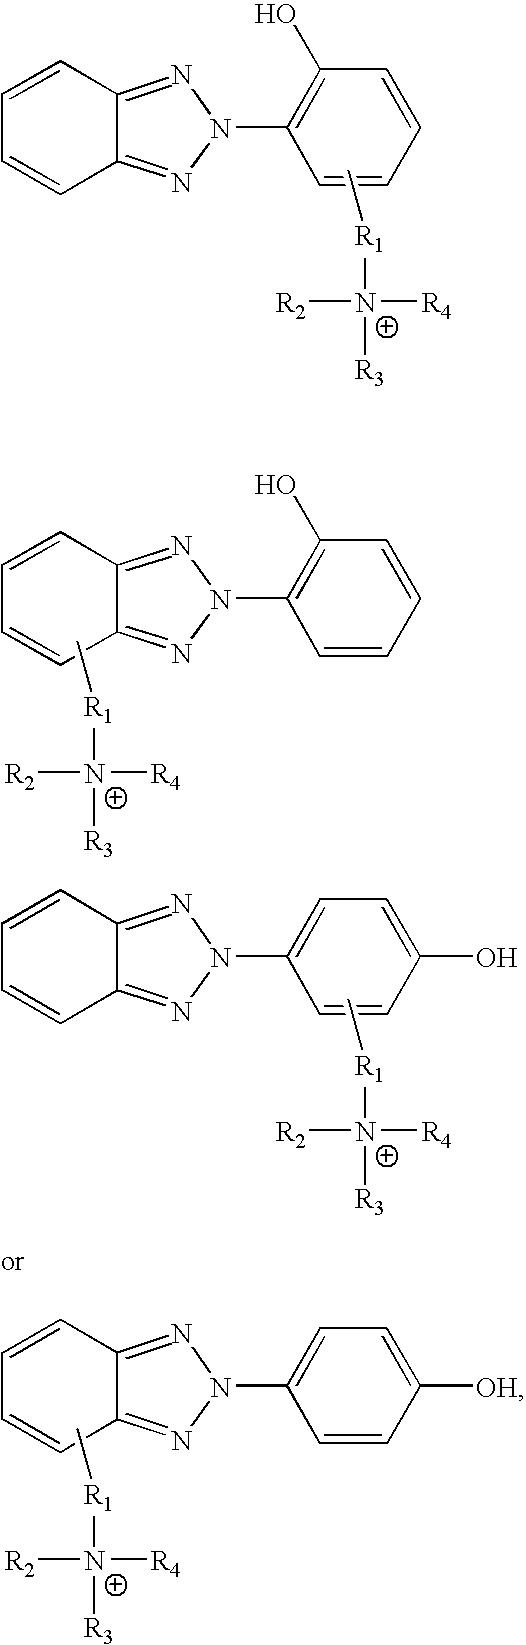 Figure US06861458-20050301-C00042